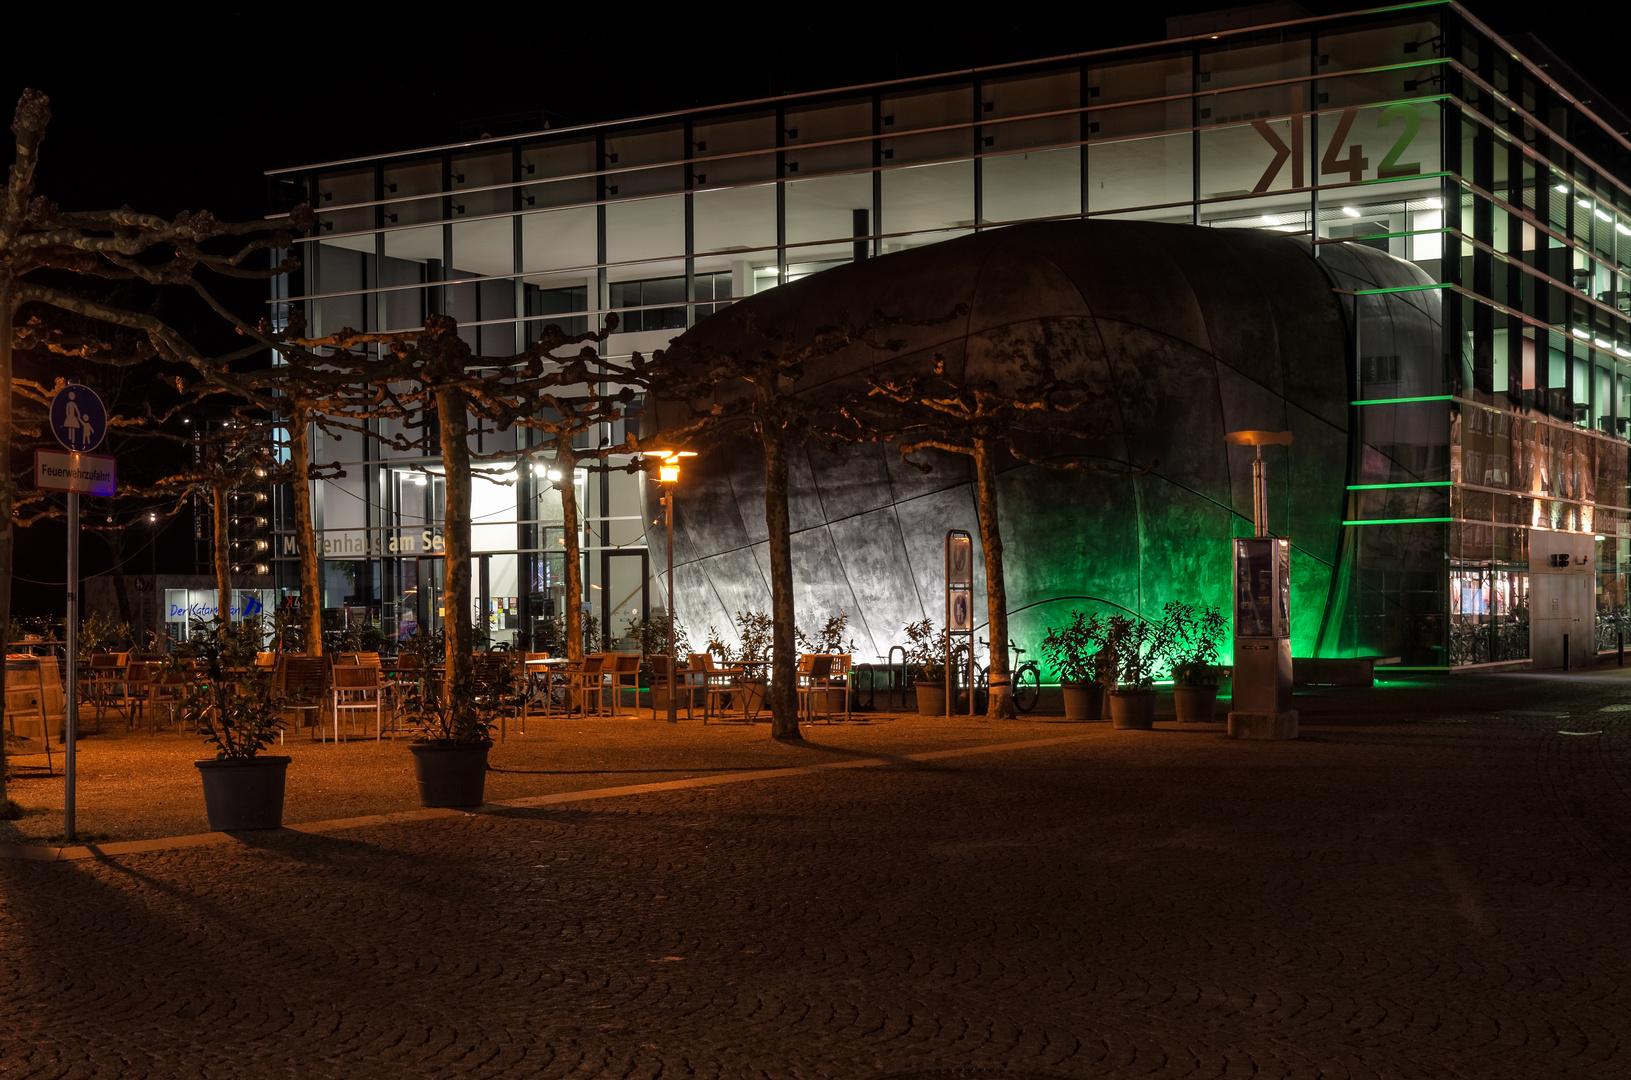 Kiesel im K42 im Medienhaus am See Friedrichshafen